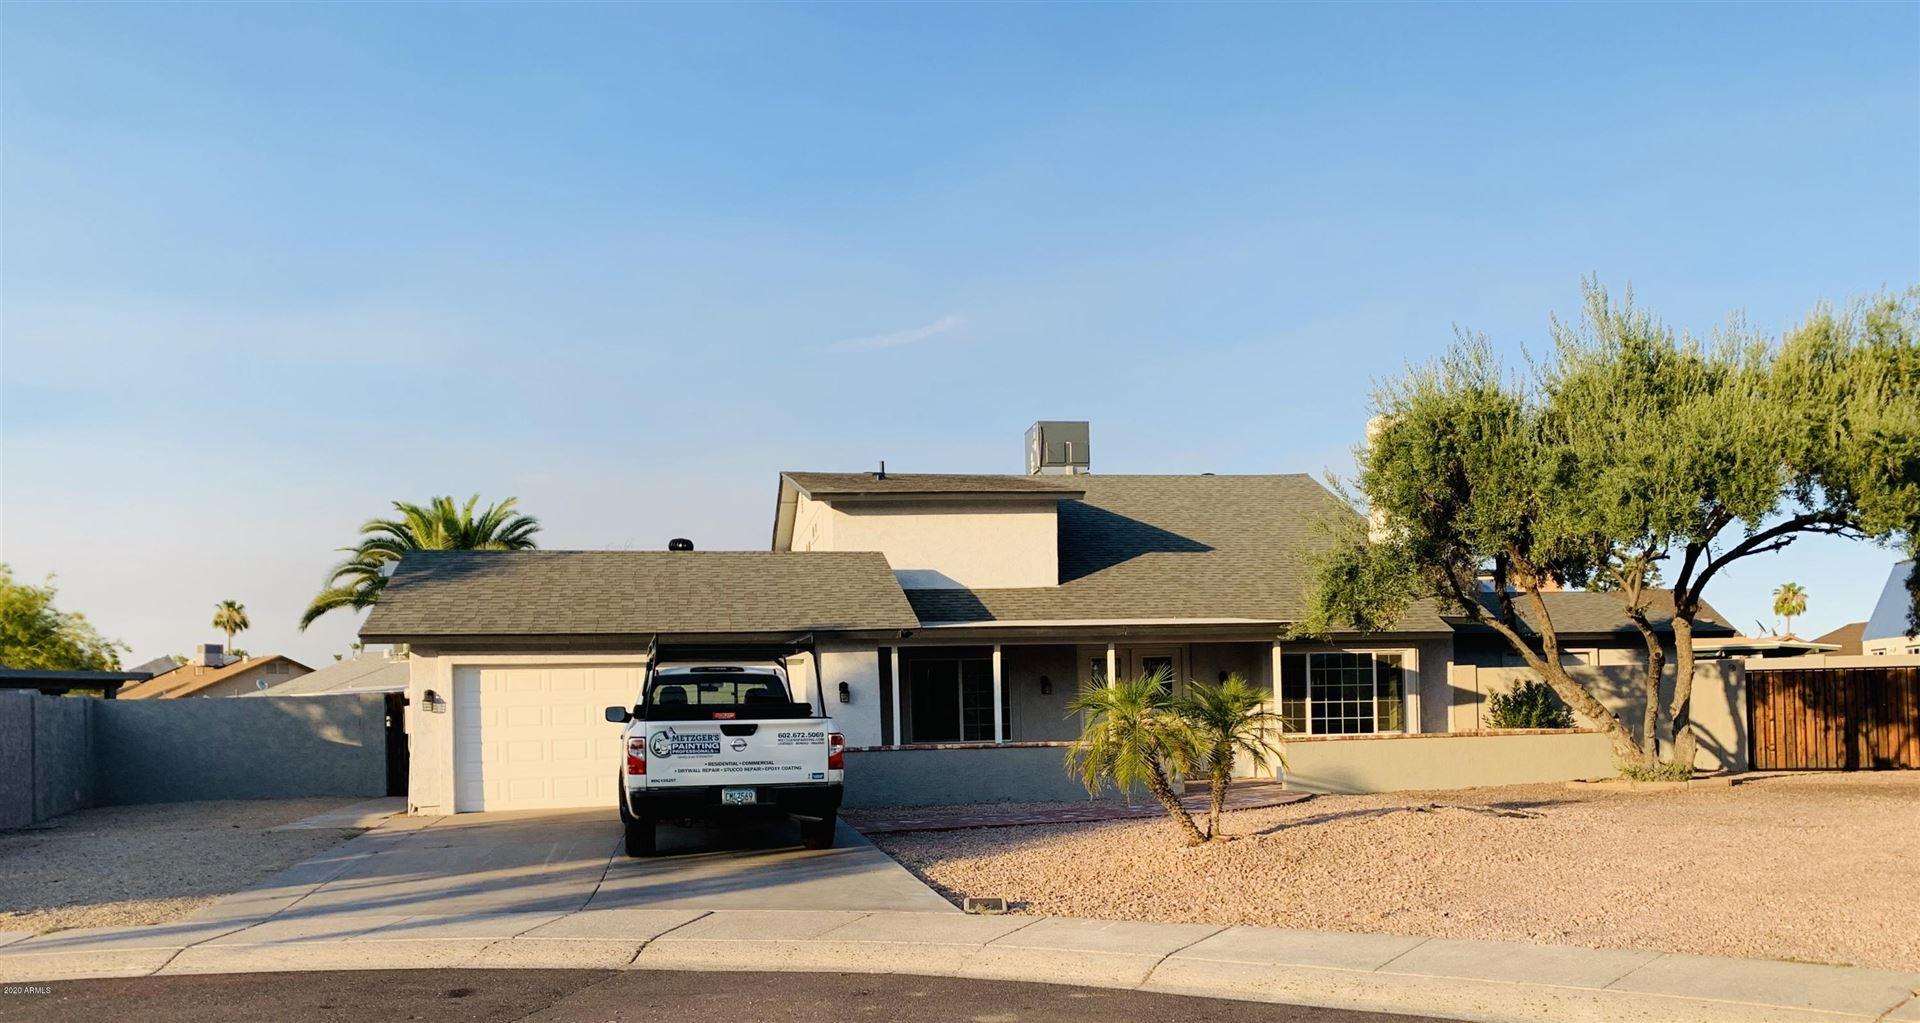 3321 W AIRE LIBRE Avenue, Phoenix, AZ 85053 - MLS#: 6093295